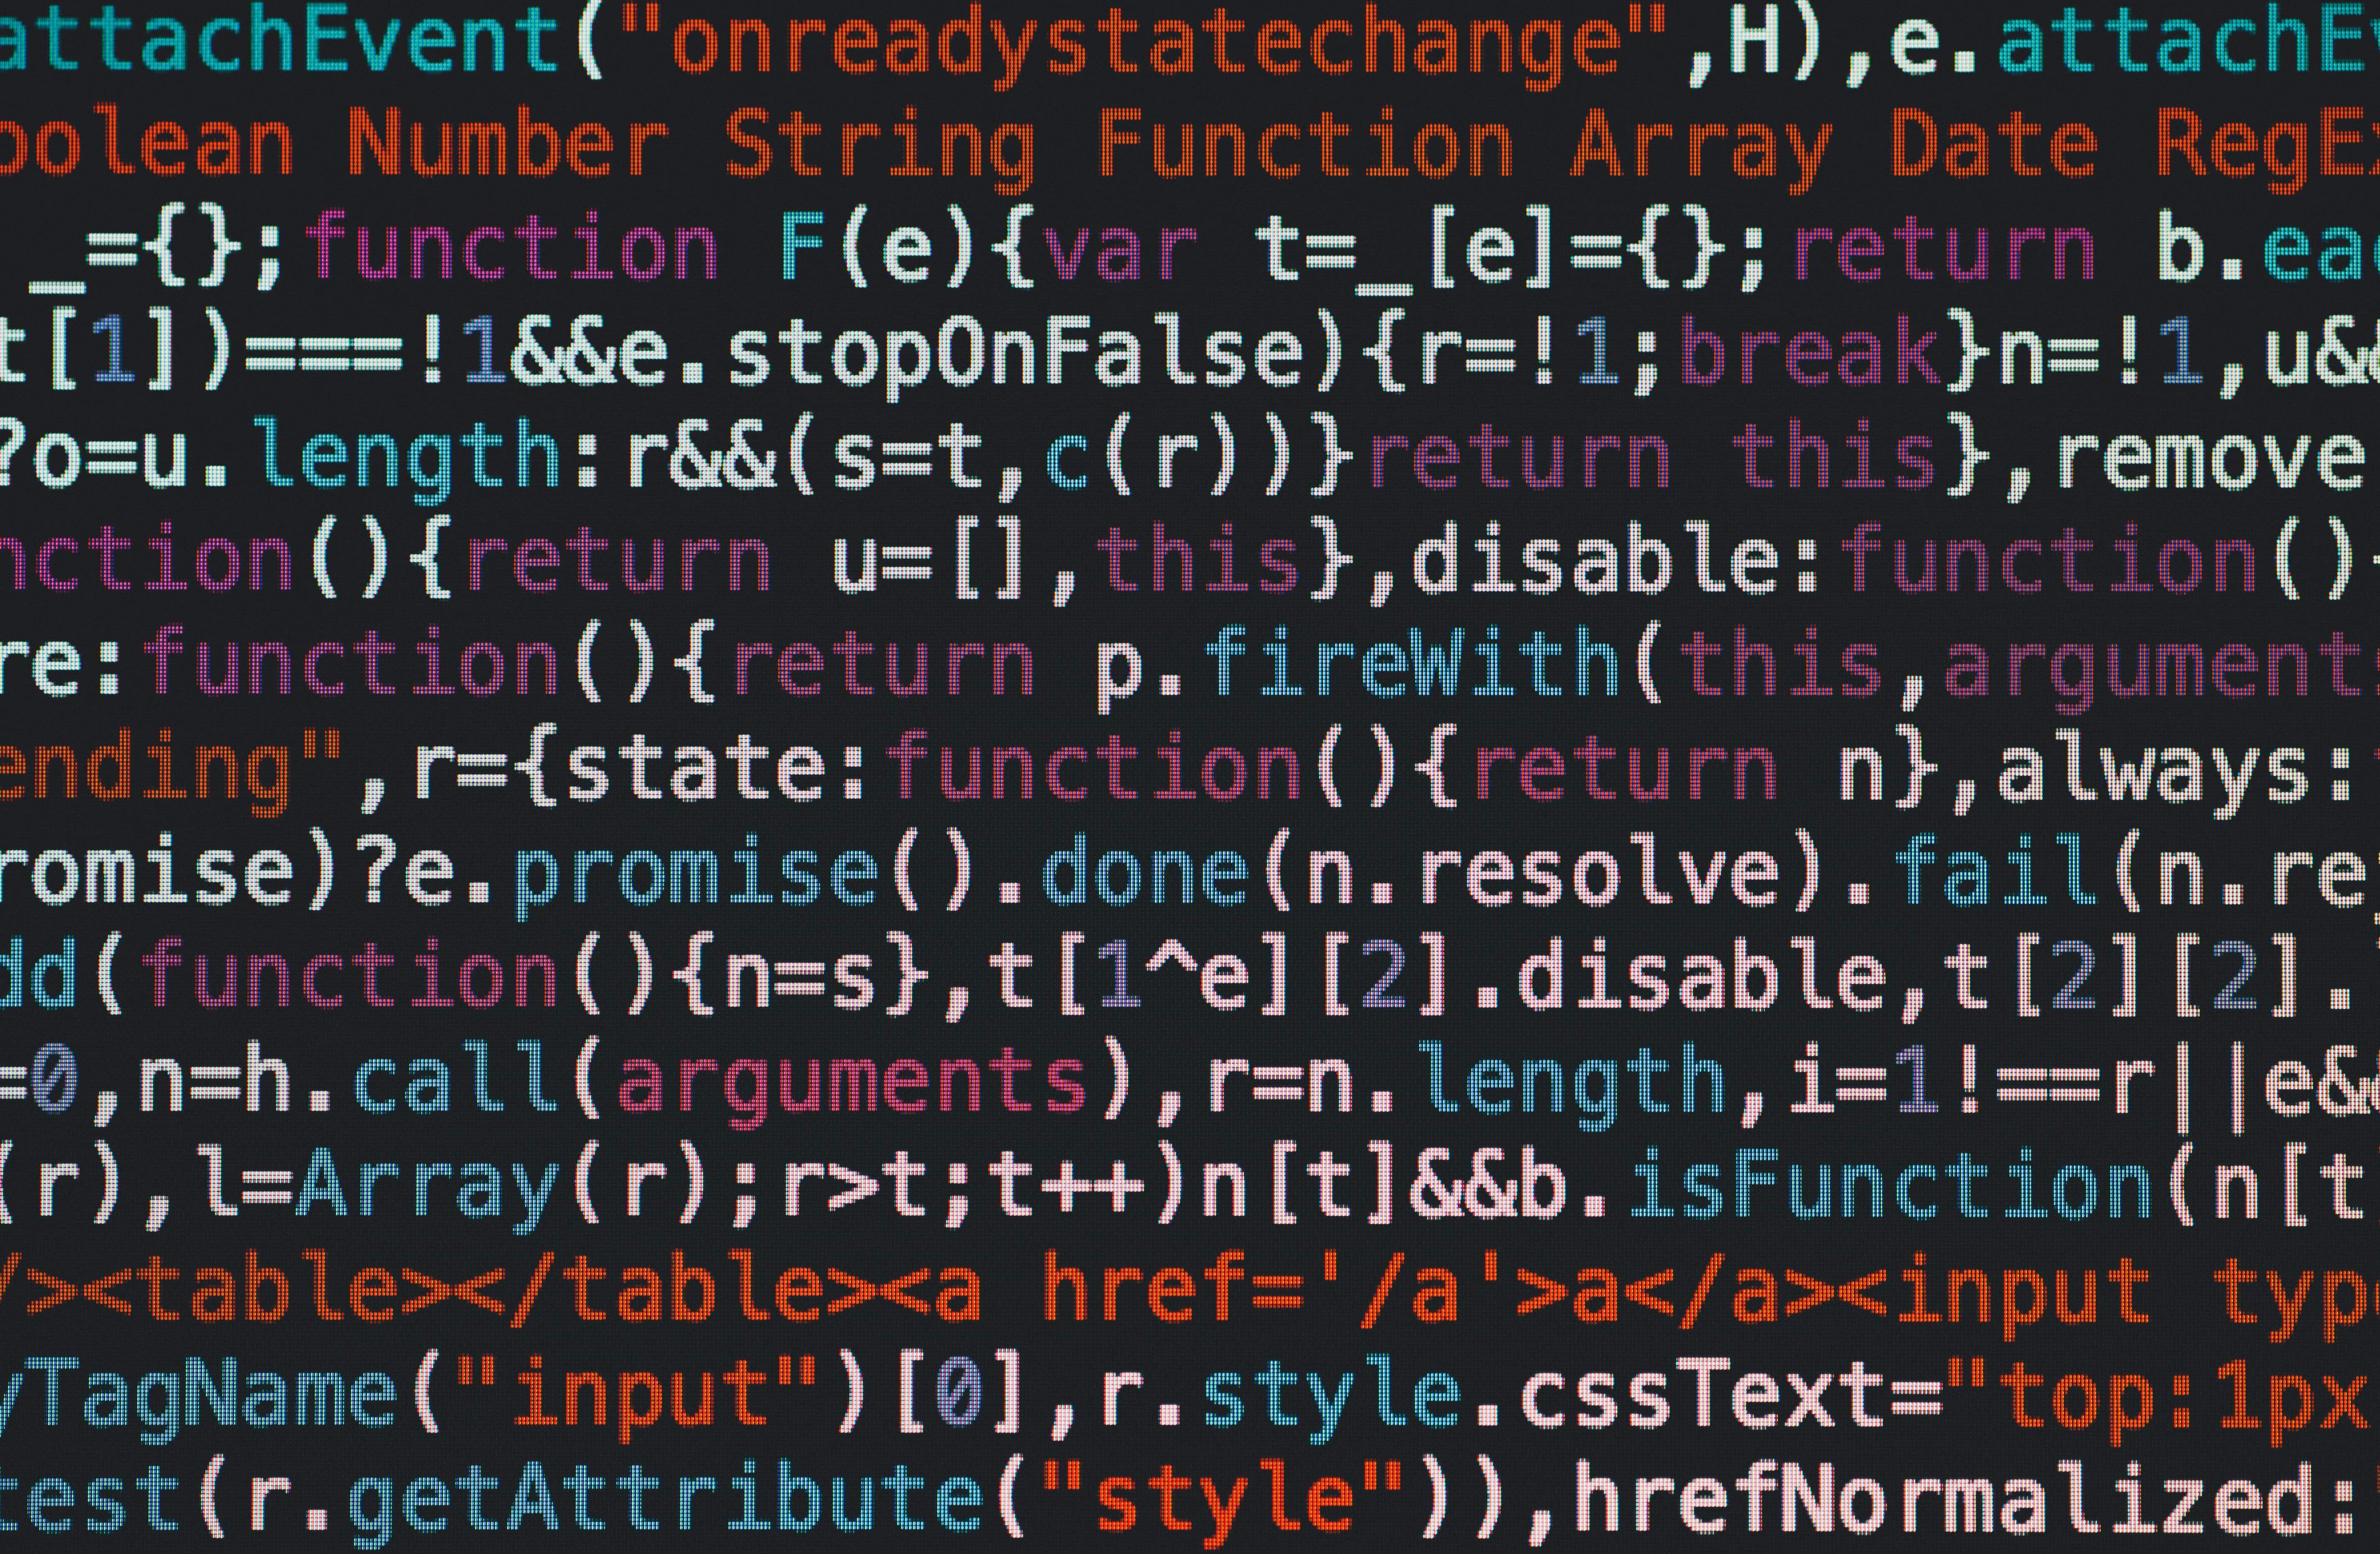 Imagem de uma sessão de códigos no editor de textos